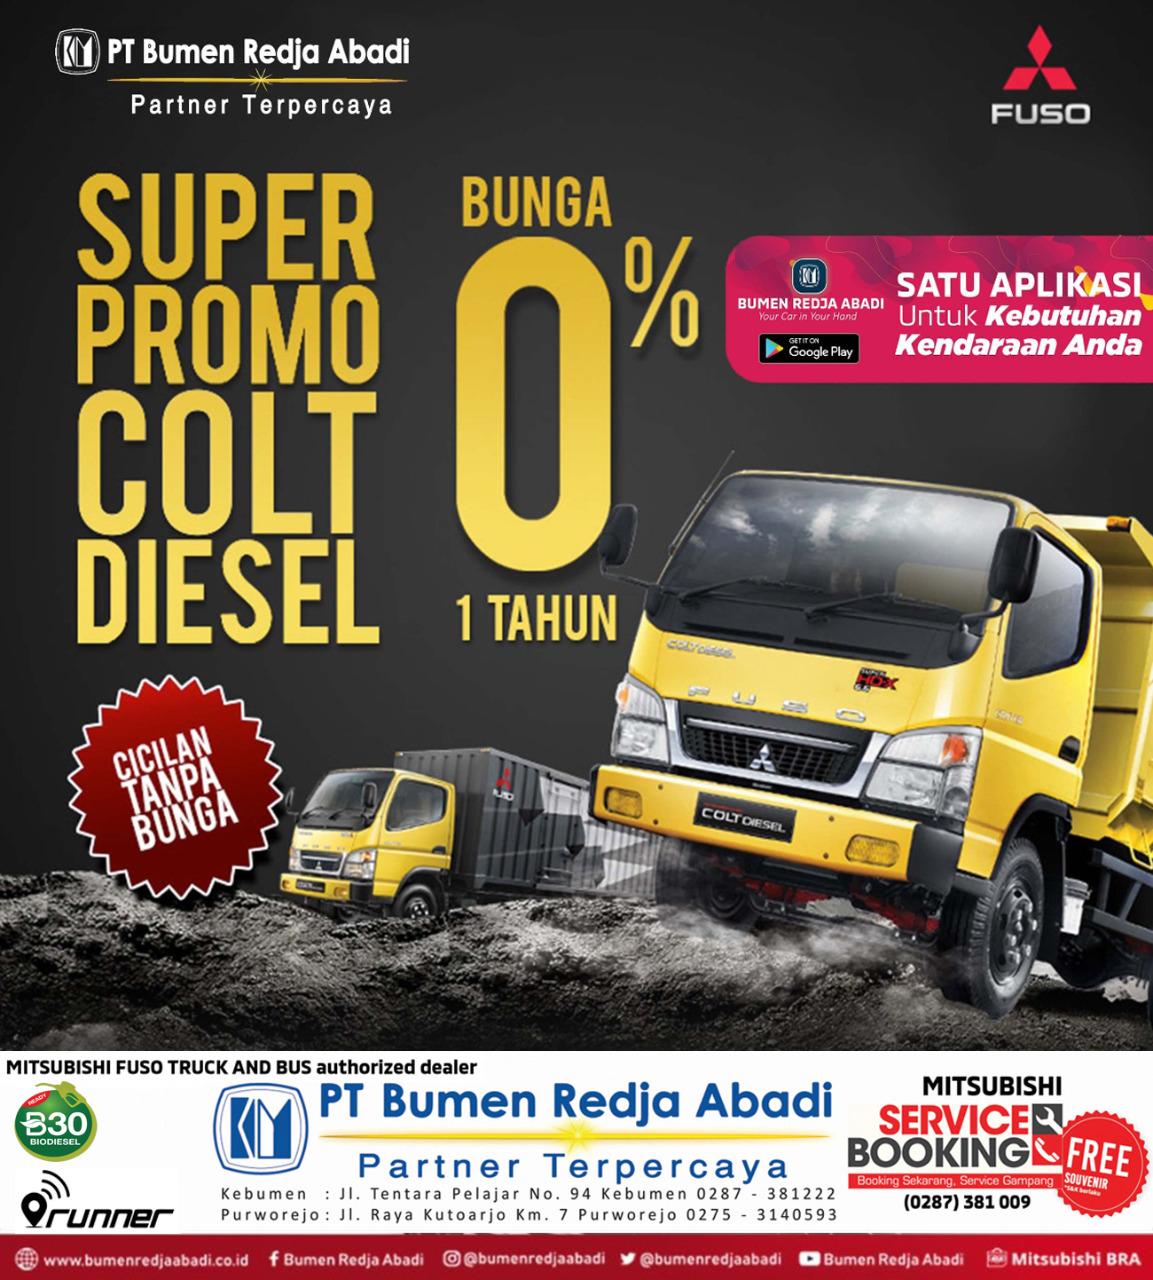 Promo Colt Diesel Bunga 0%